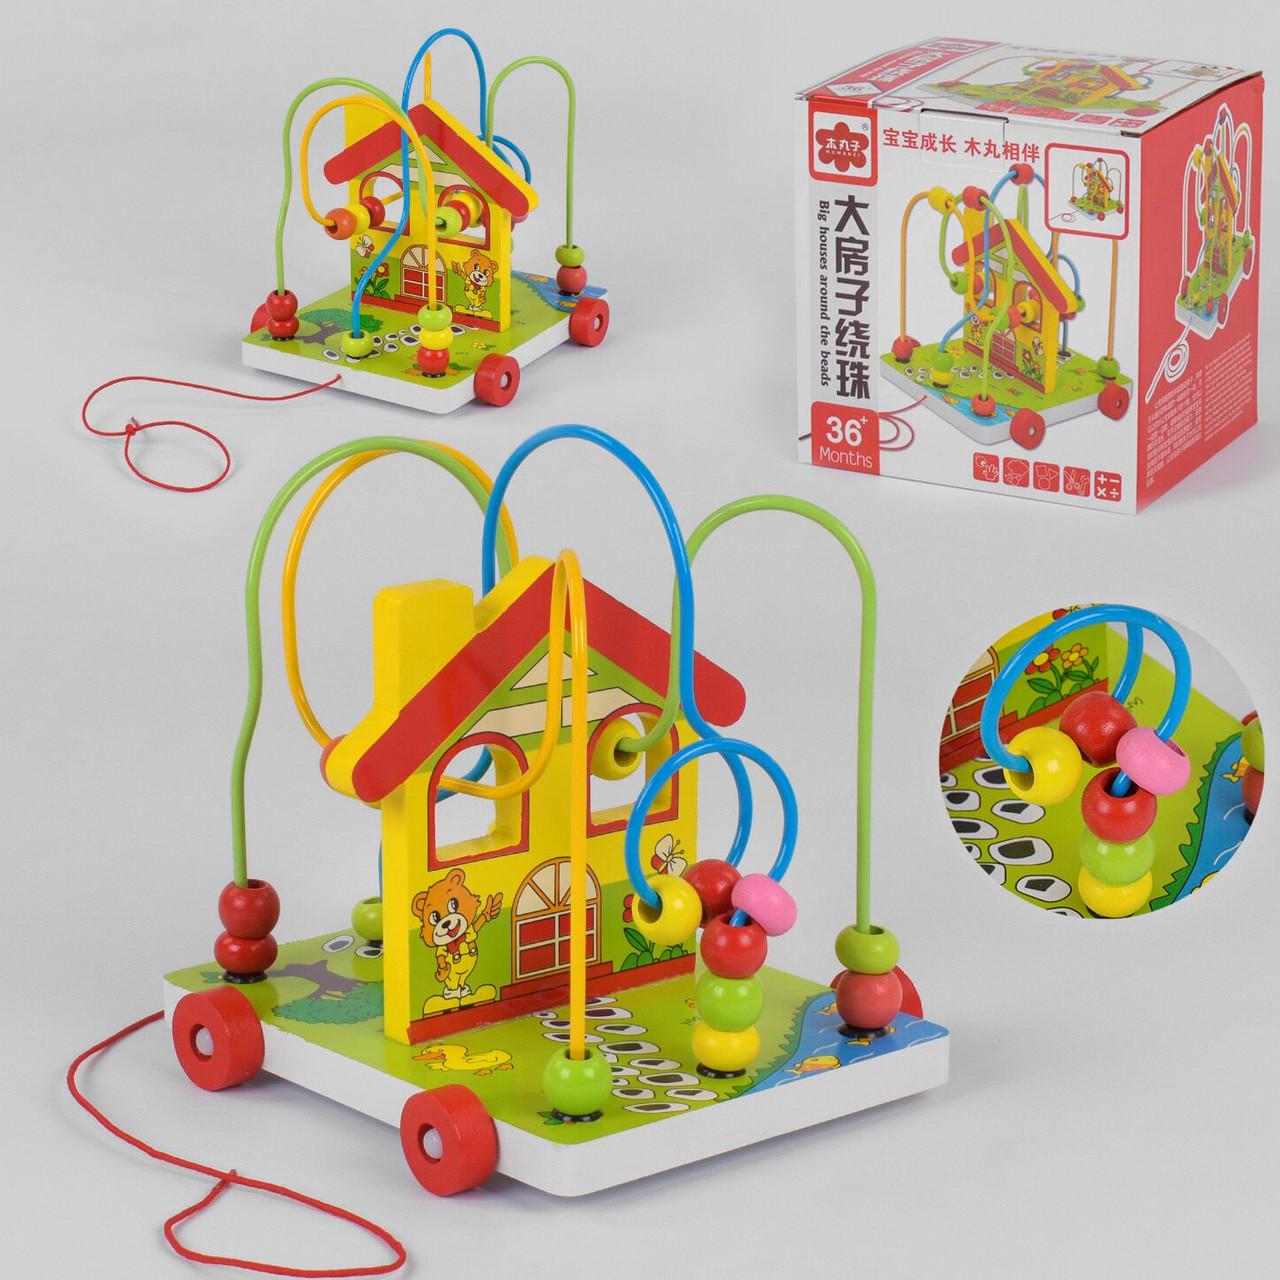 Дерев'яна іграшка Каталка-Лабіринт для дітей З 31362